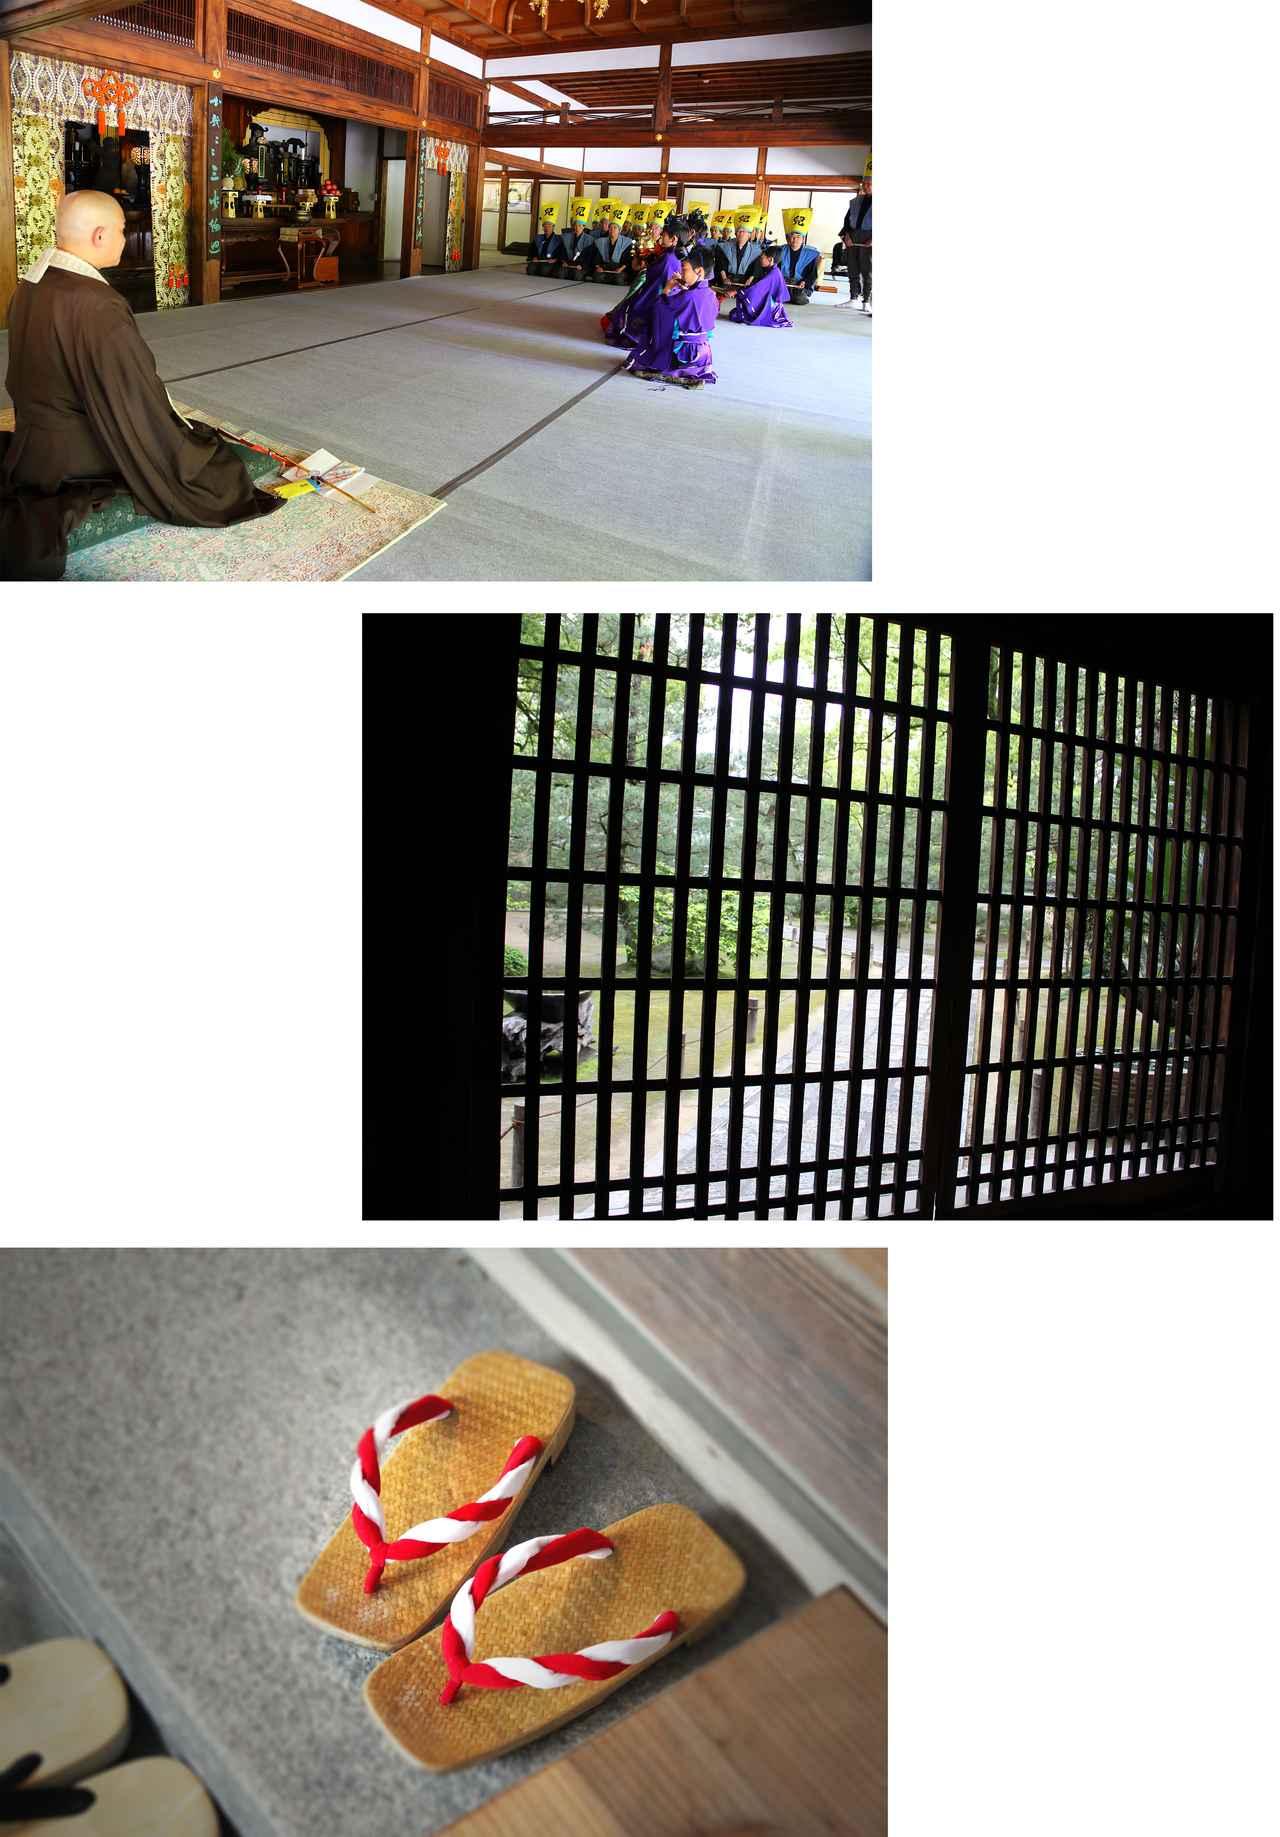 画像3: 博多によーきんしゃったね!  グローバルでディープな博多の今をリアルにレポート!  〜「博多に年越しそばの発祥のお寺が?!」編〜